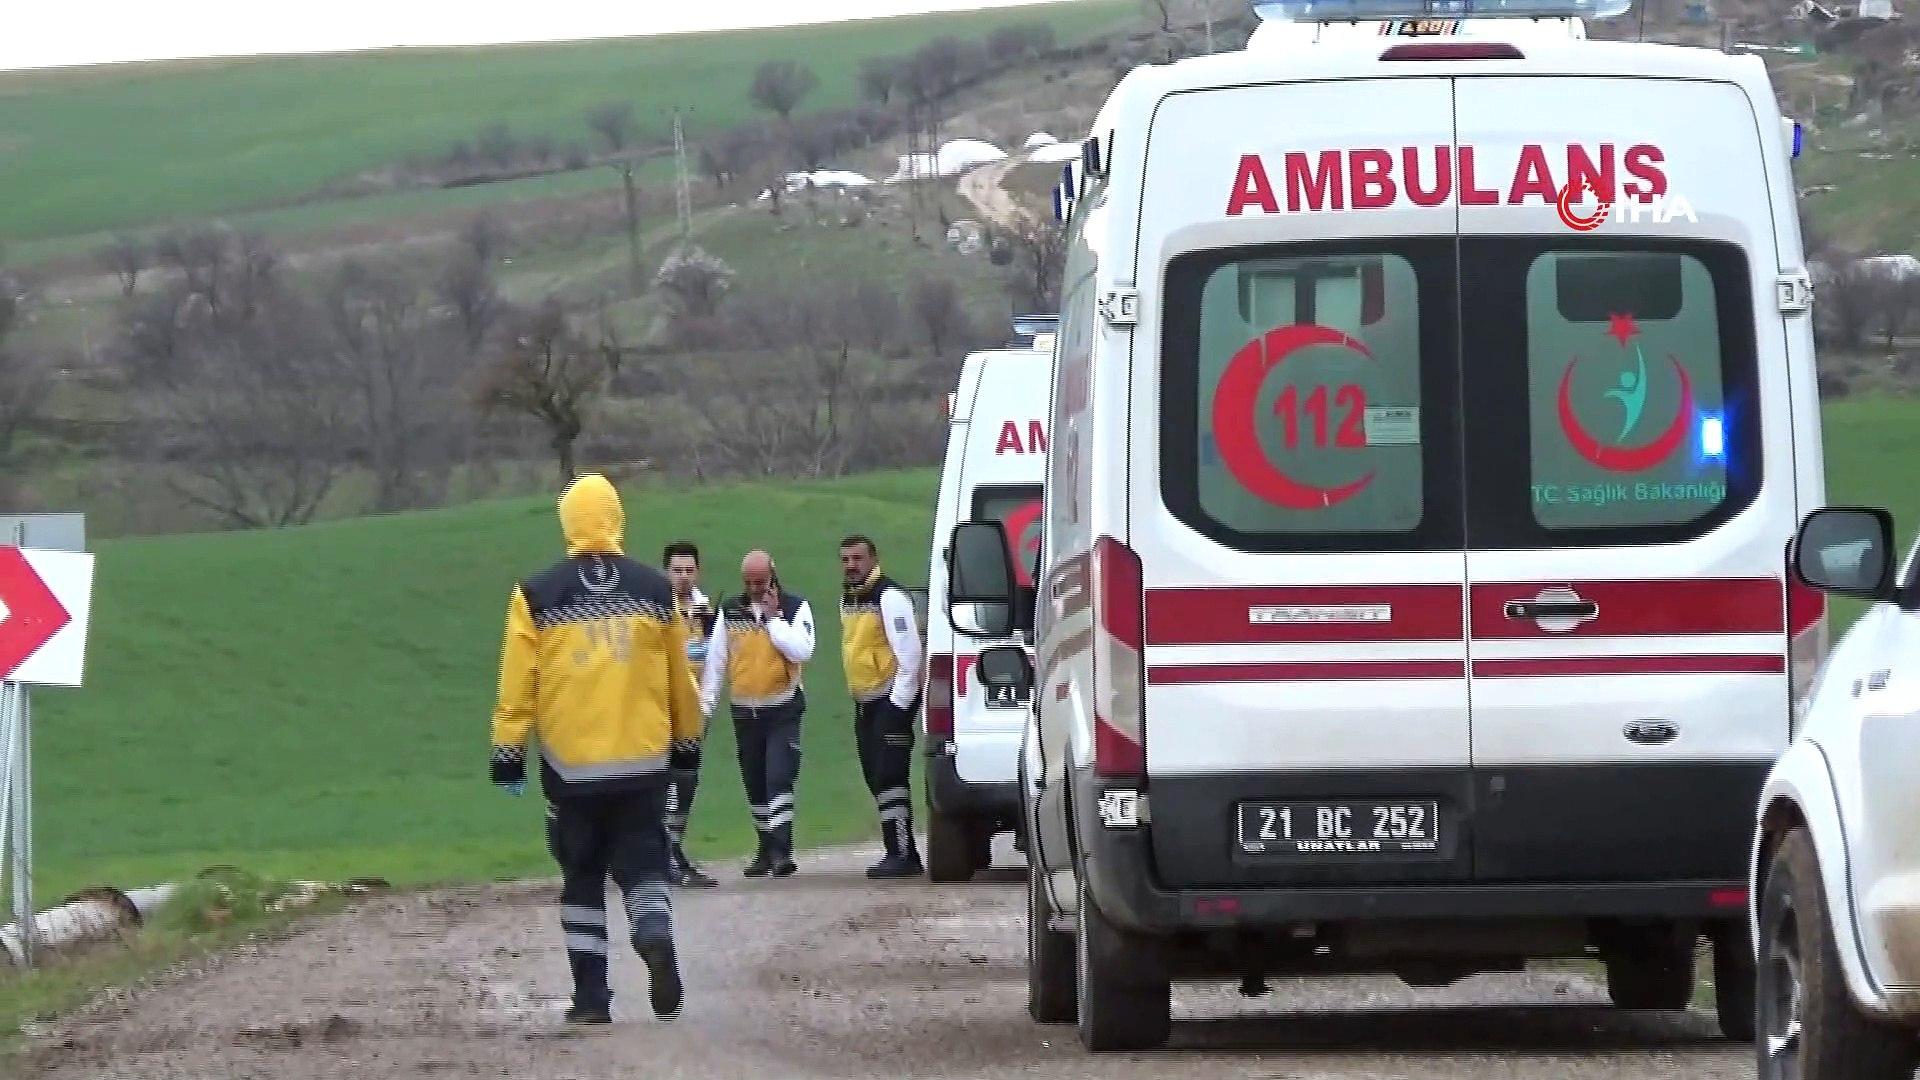 Yol verme kavgası kanlı bitti: 1 kadın öldü, 3 kişi yaralandı